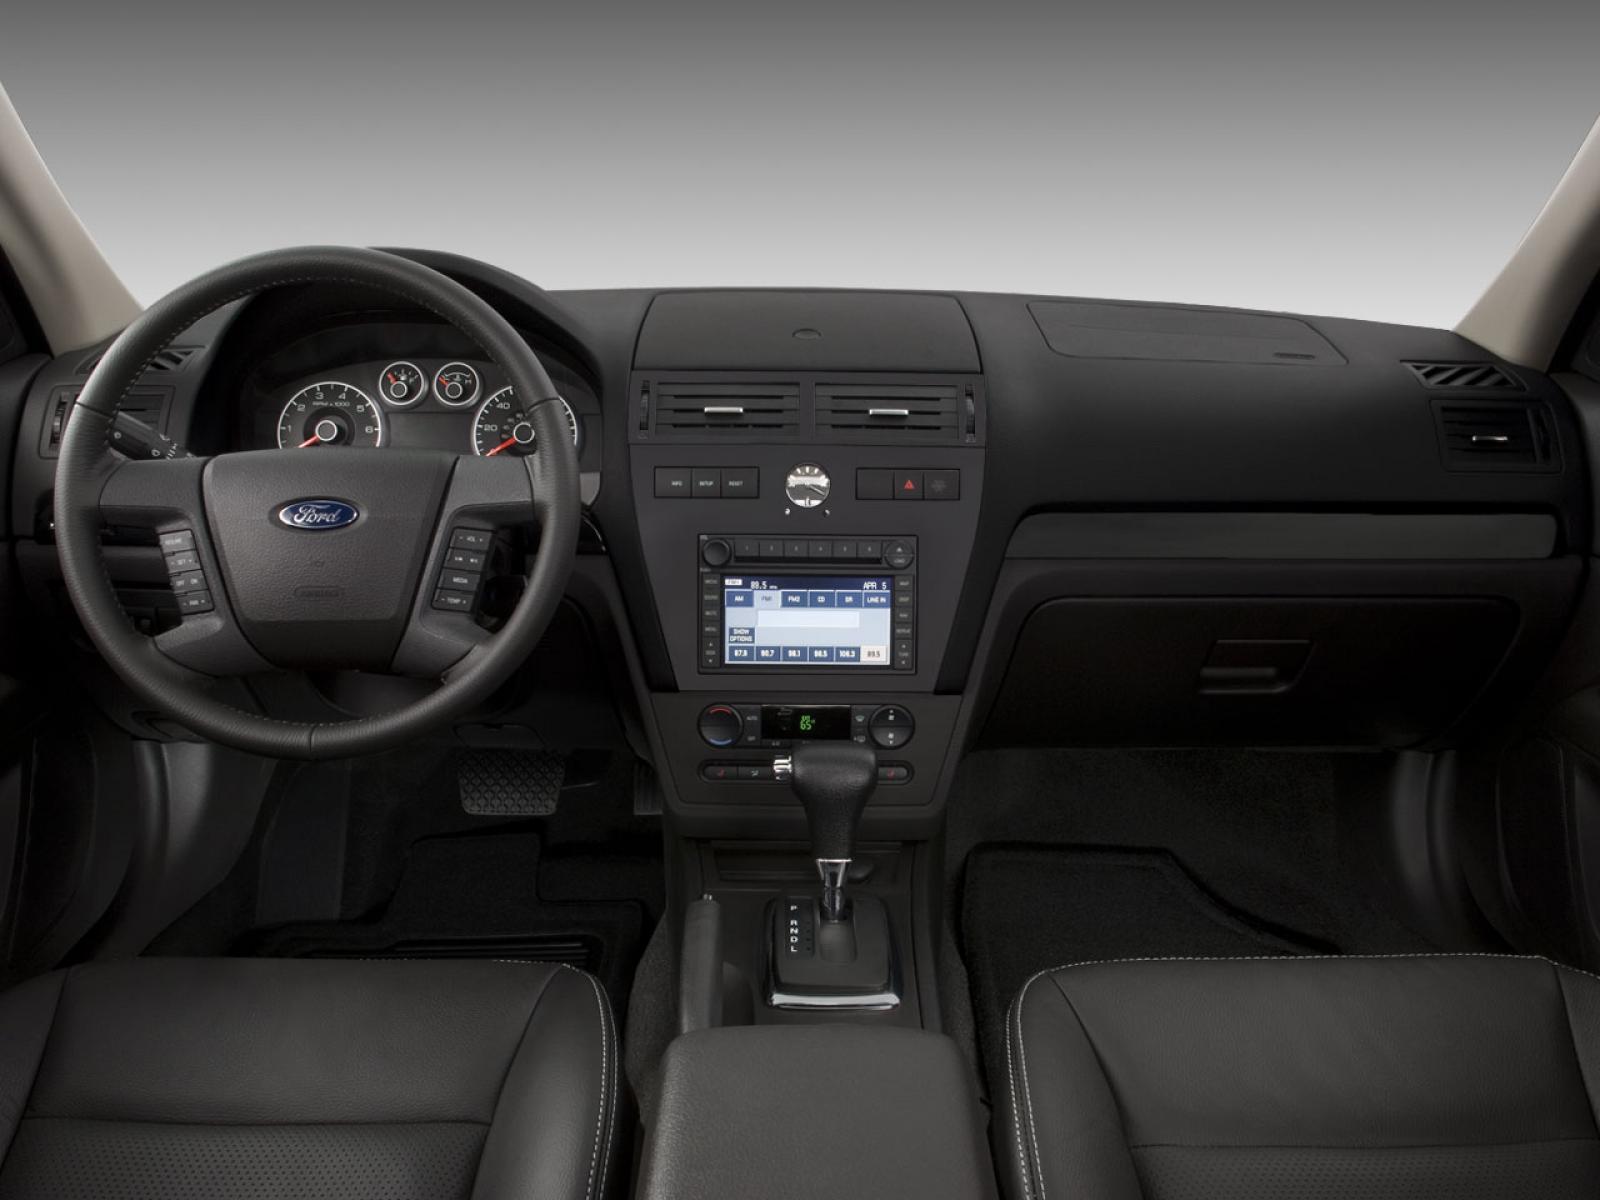 800 1024 1280 1600 origin 2008 ford fusion